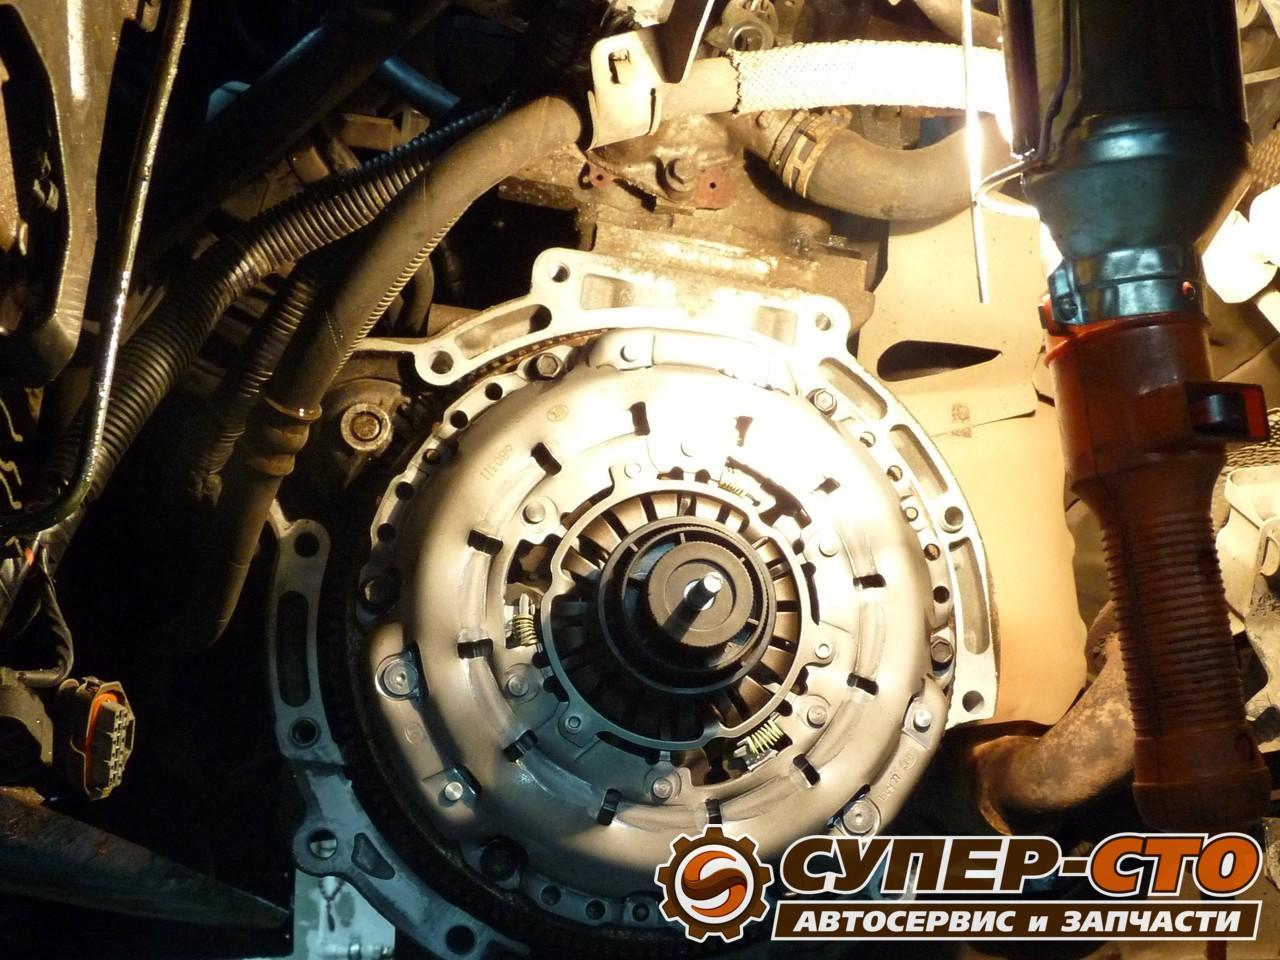 Замена сцепления форд фокус 2 18 своими руками 21